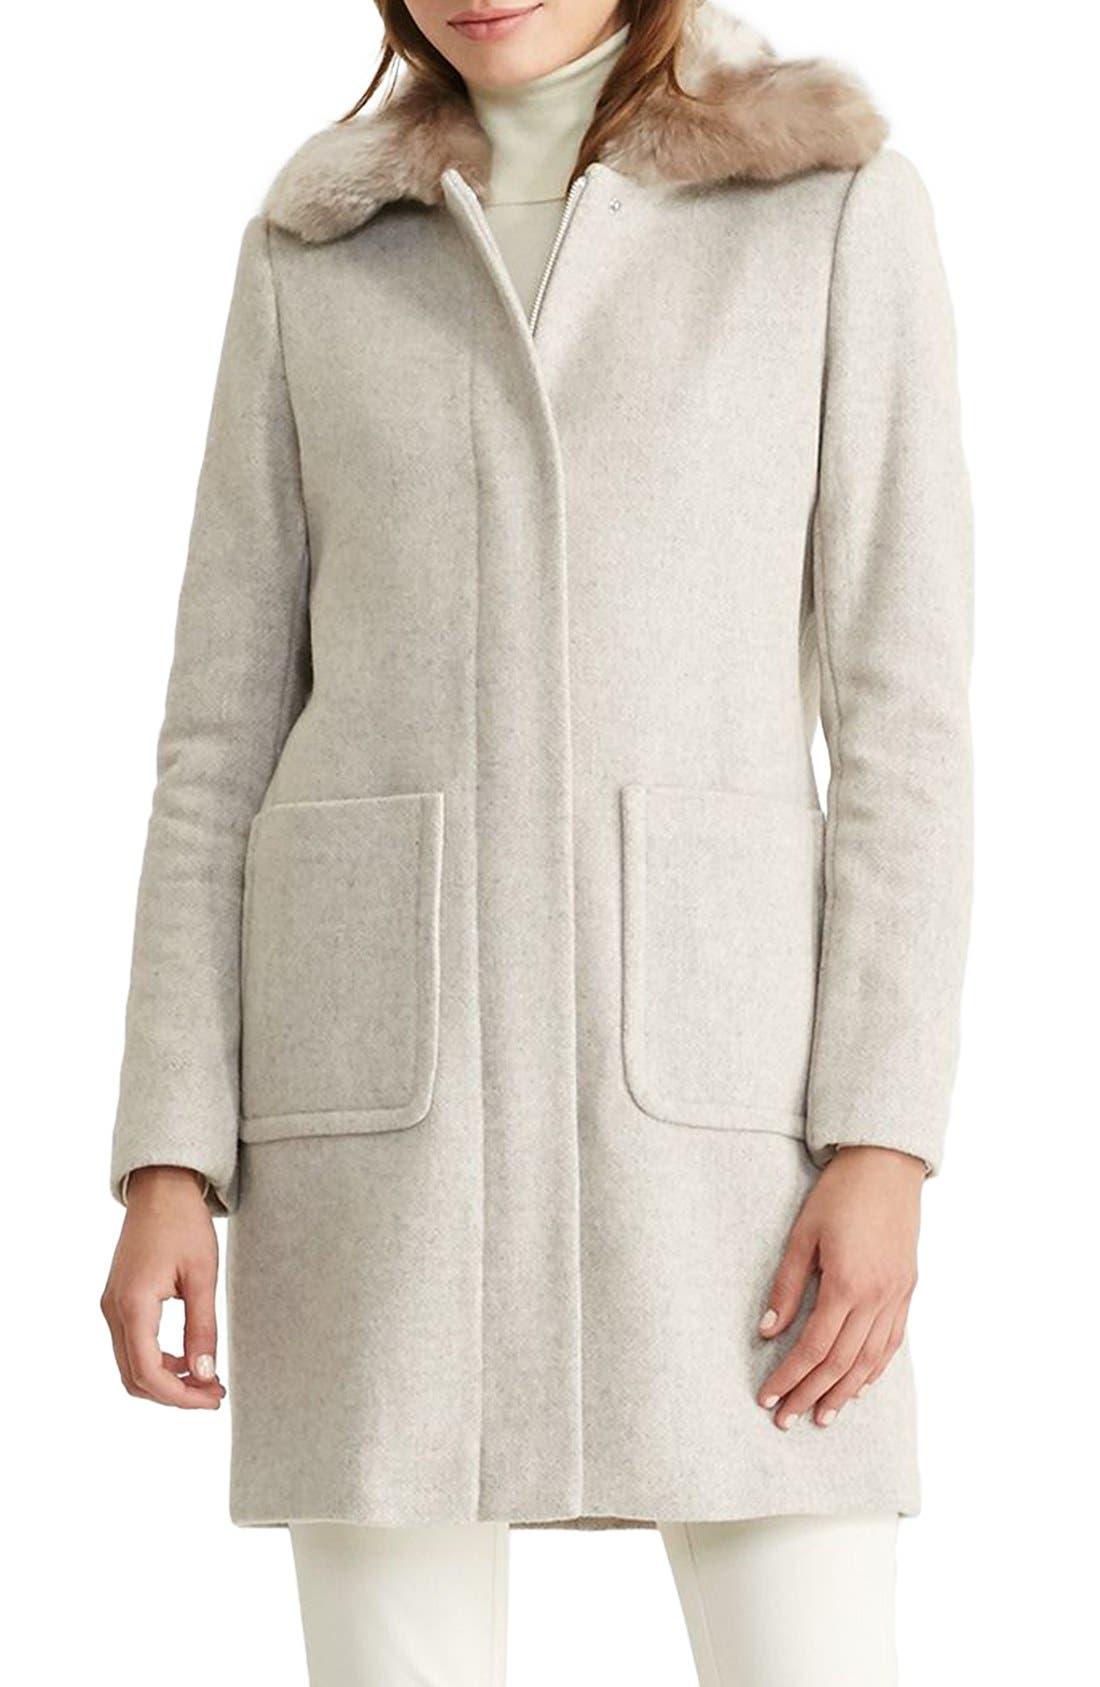 LAUREN RALPH LAUREN Wool Blend Coat with Faux Fur Collar, Main, color, 068